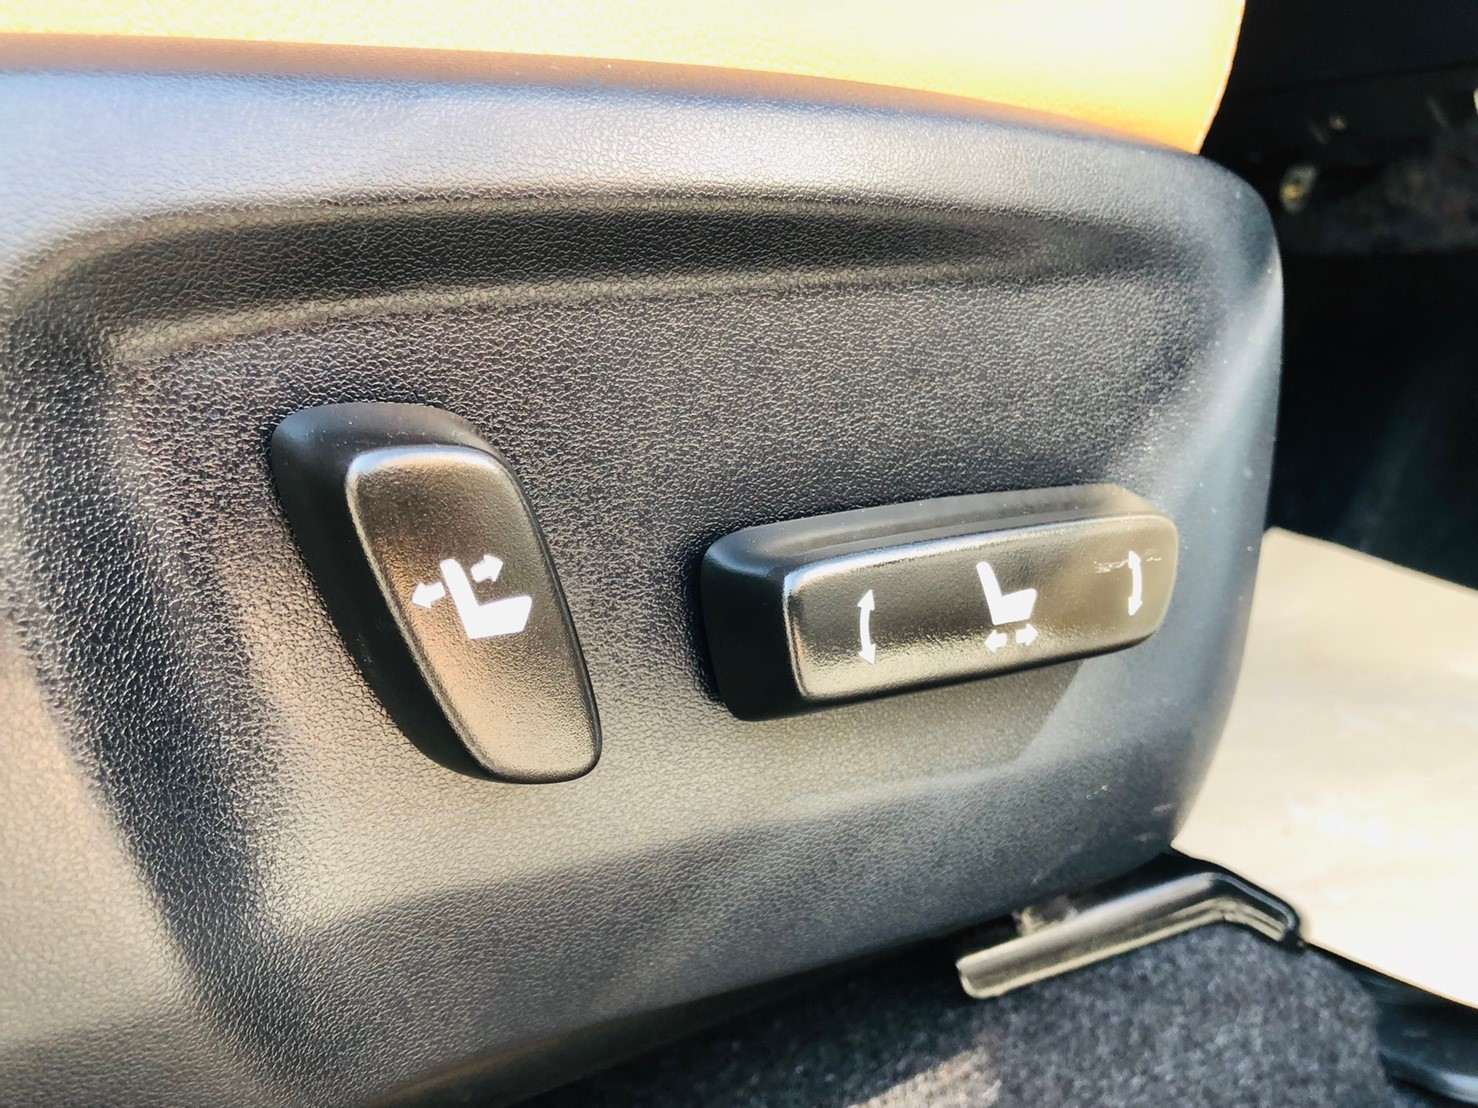 ภาพฟังก์ชั่นเบาะไฟฟ้า โตโยต้า ฟอร์จูนเนอร์ 2.8 V 4WD ปี 2016